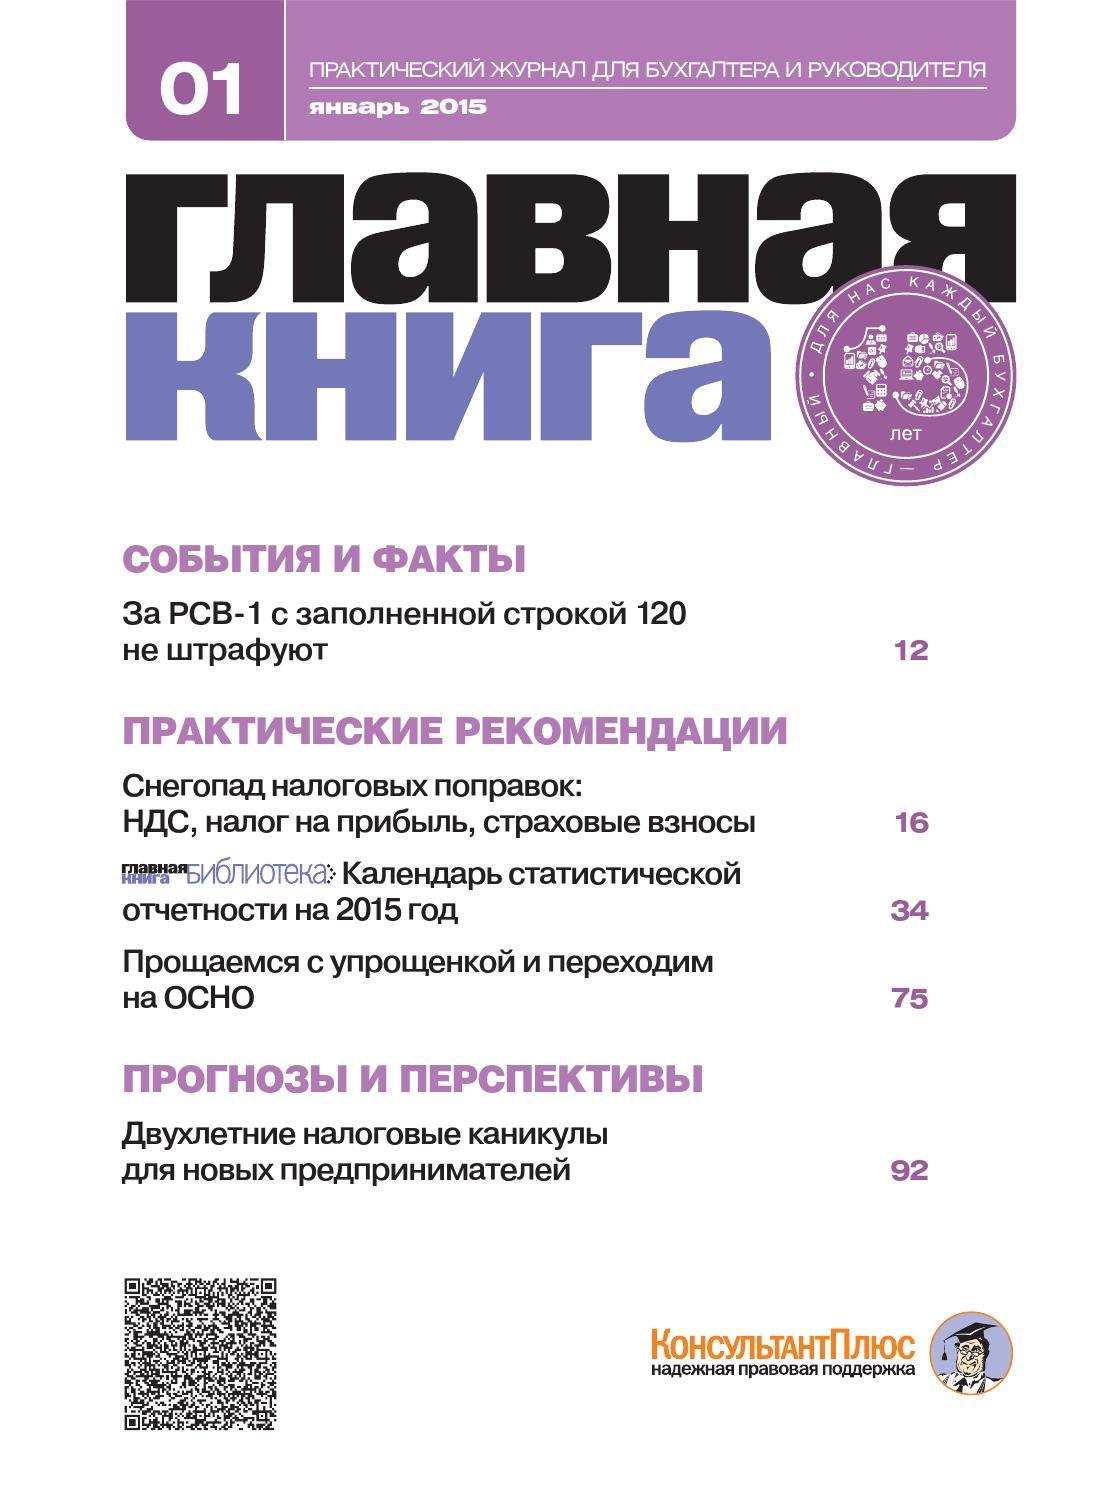 бланк отчетности по енвди приказ от 01.2012 ммв-7-3/13